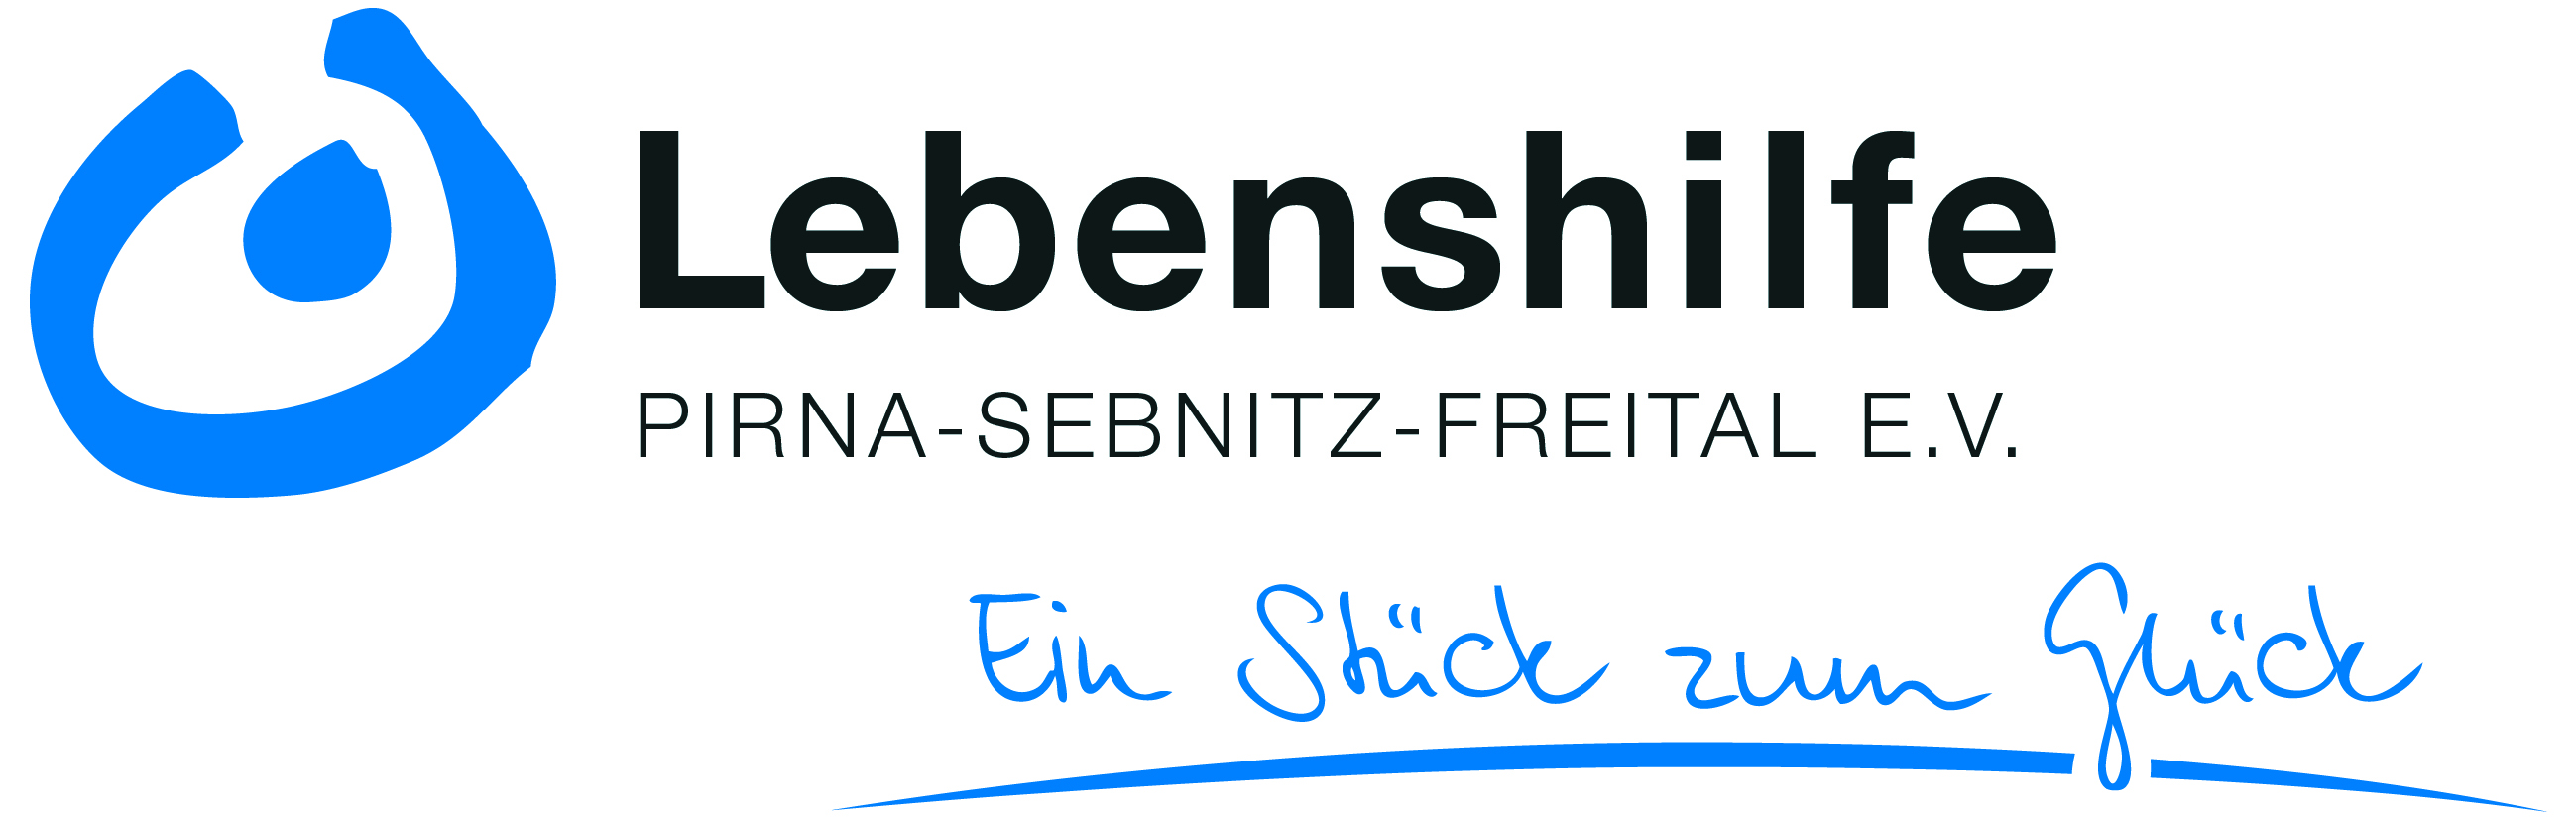 Lebenshilfe Pirna-Sebnitz-Freital e.V.